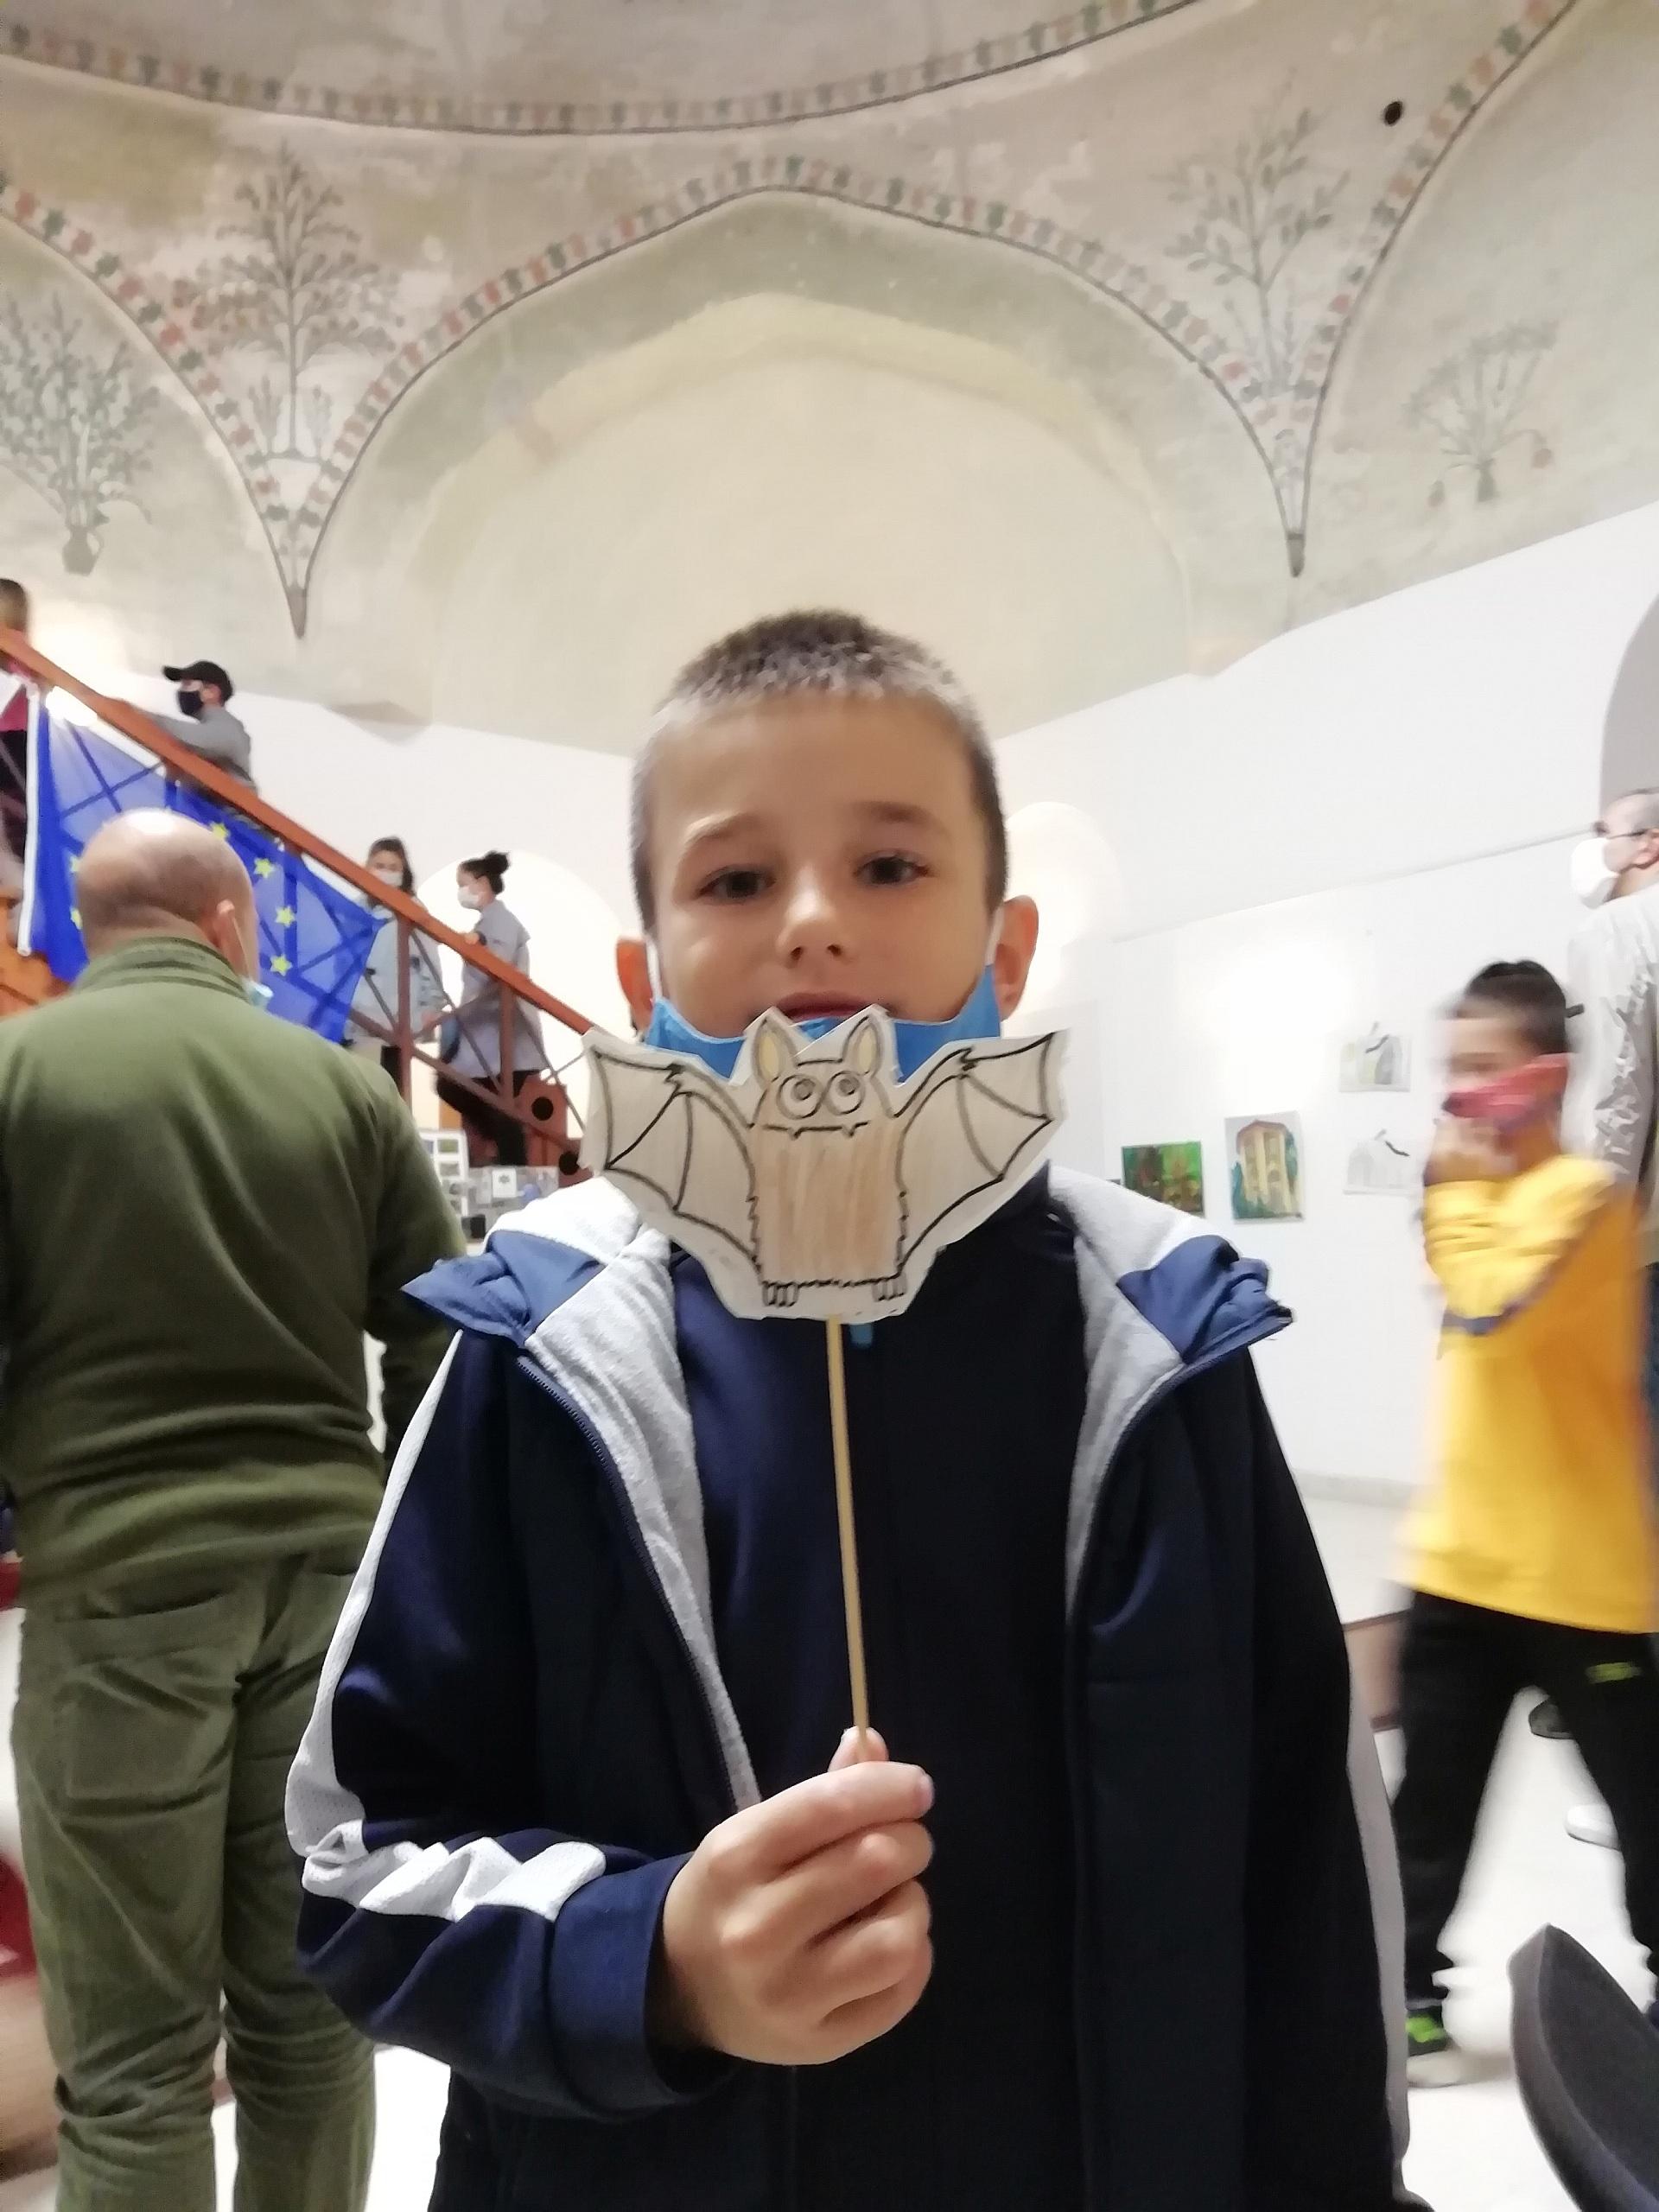 След това изготвяхме прилепни маски, оригами и други интересни прилепи.